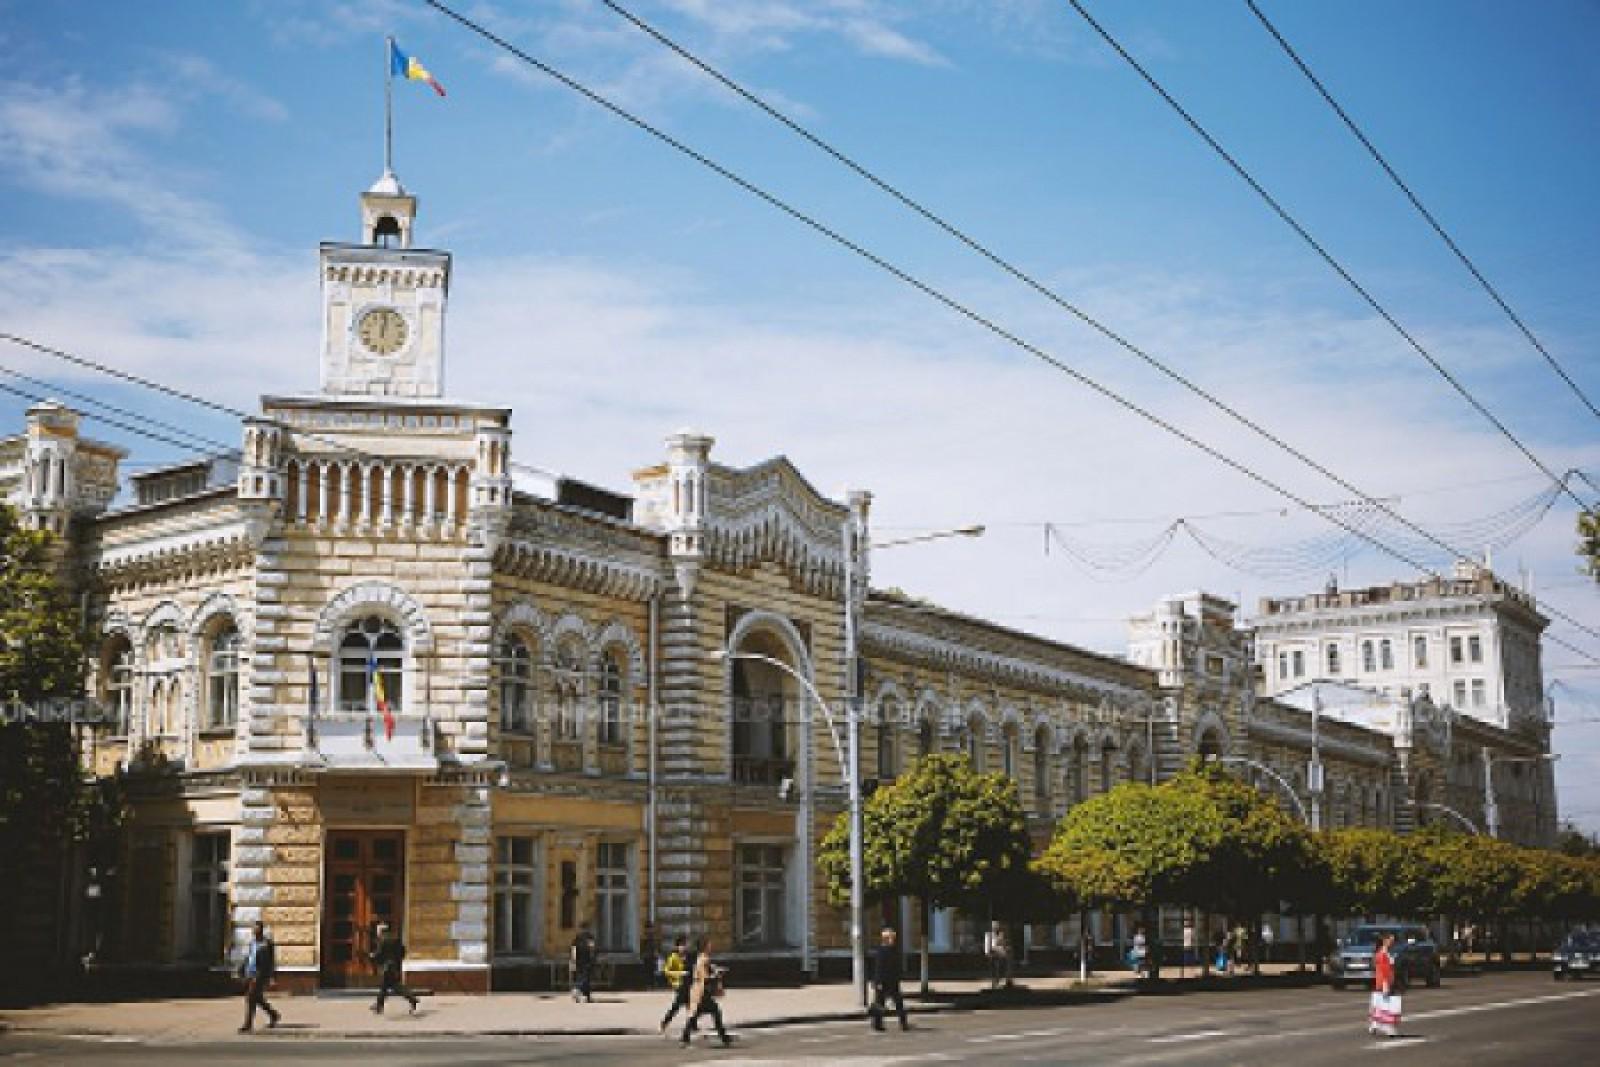 Mold-Street: Primăria Chişinău cheltuie anual 400 de milioane de lei pentru a subvenţiona două întreprinderi falite